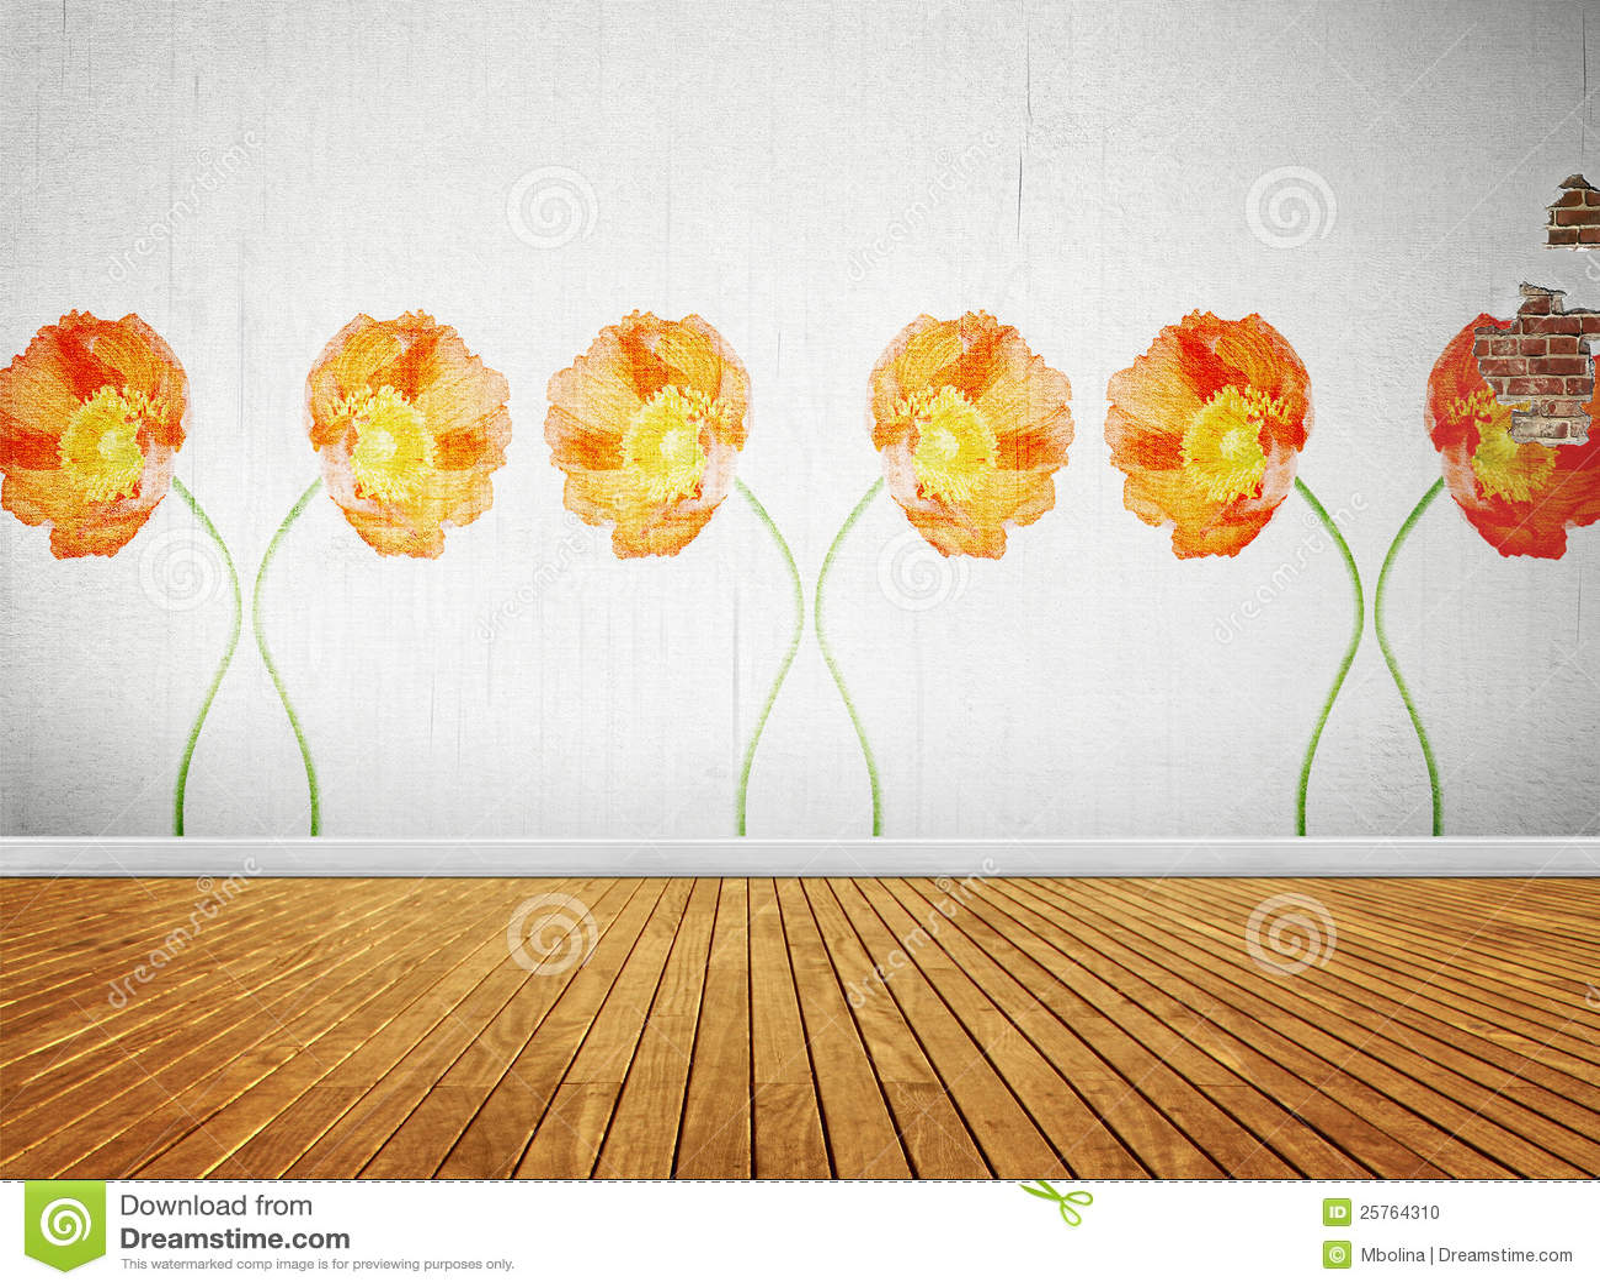 Quarto Com Papel De Parede Vintage ~ Quarto Do Vintage Com Papel De Parede Floral Foto de Stock  Imagem